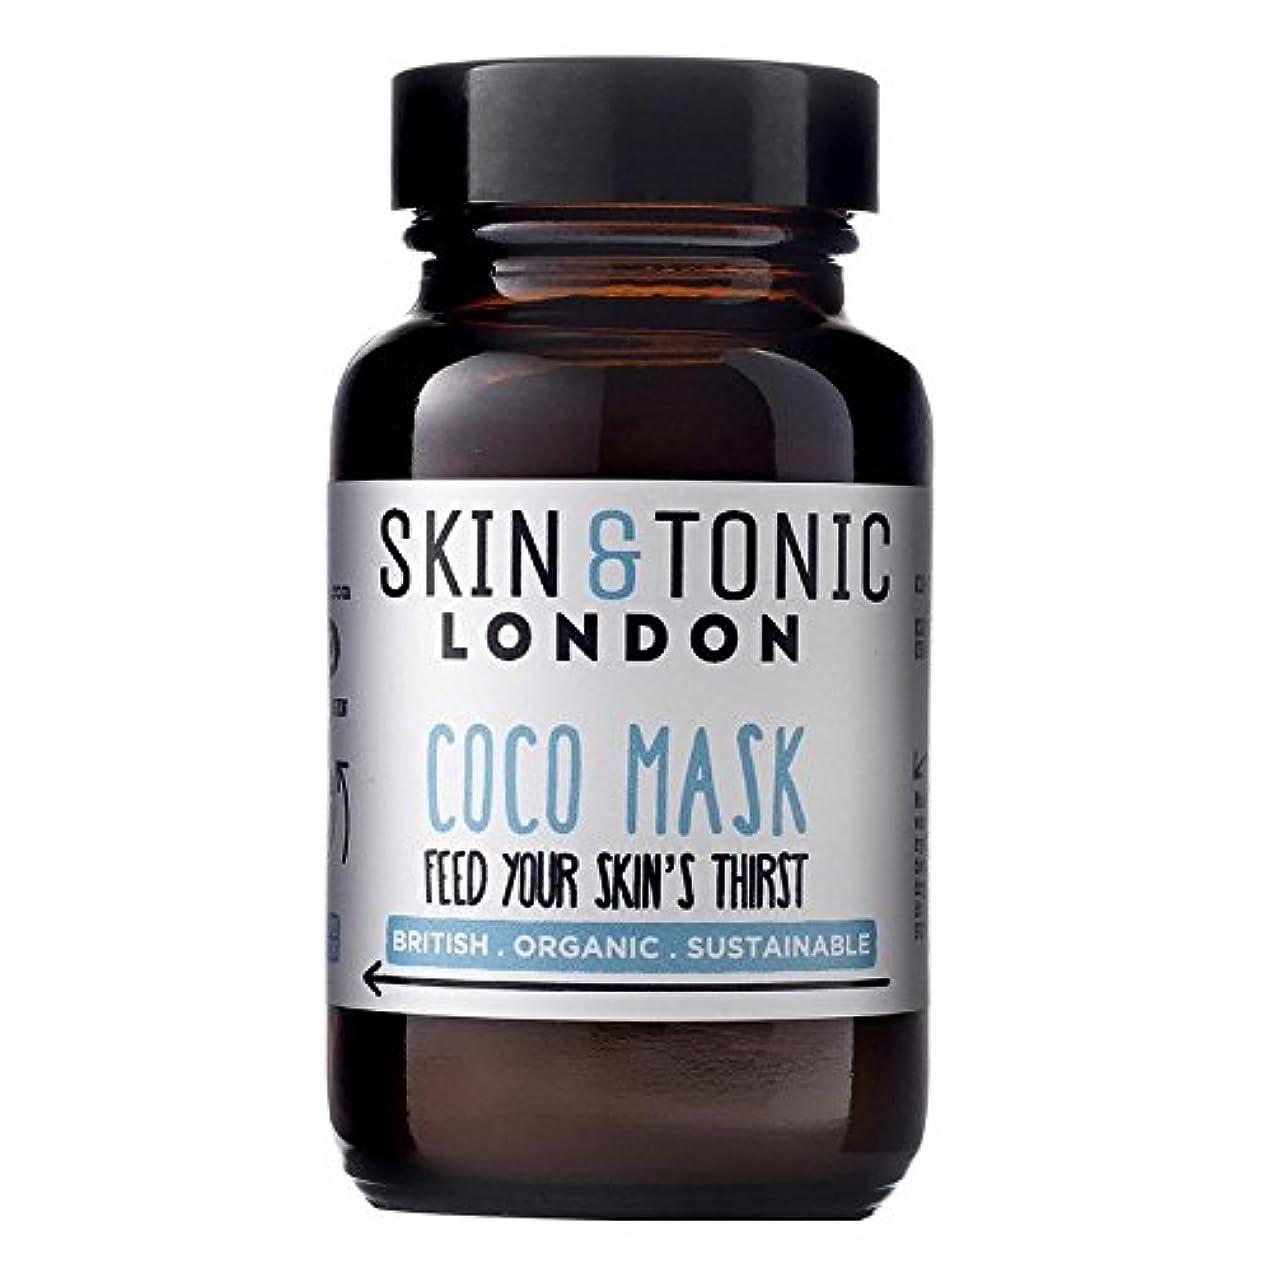 ケイ素哲学者刈り取るSkin & Tonic London Coco Mask 50g (Pack of 6) - スキン&トニックロンドンココマスク50グラム x6 [並行輸入品]